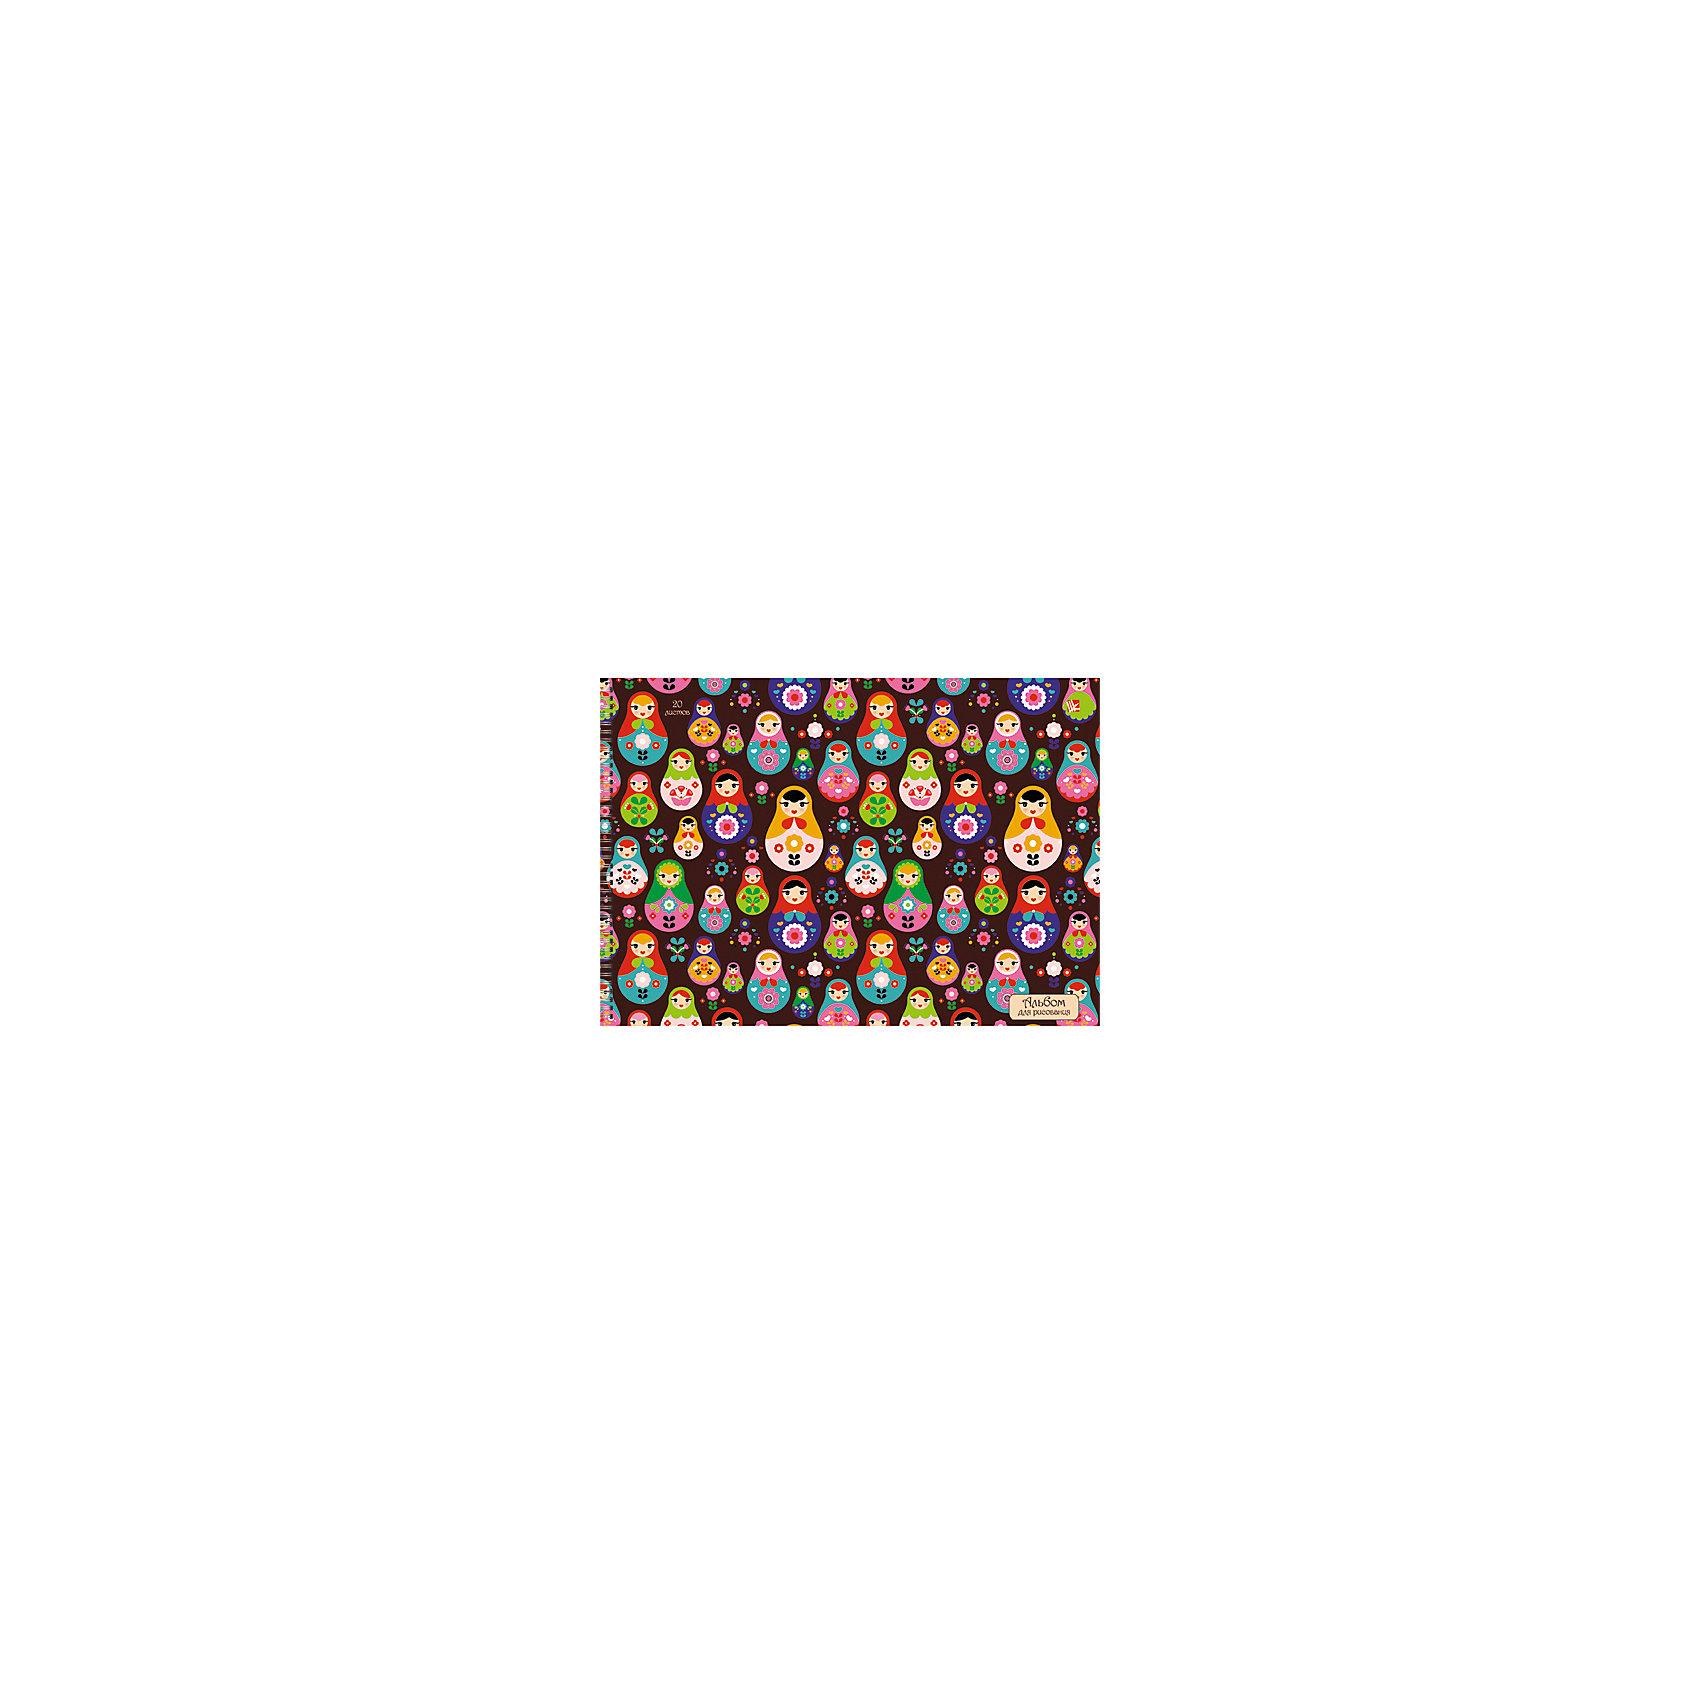 Альбом для рисования Яркие матрешки, 40лАльбом для рисования Яркие матрешки с красочными матрешками на обложке привлекут внимание и вызовут интерес к творчеству. Рисование хорошо развивает аккуратность, усидчивость и художественные навыки. Альбом из плотной бумаги с привлекательной обложкой - то, что нужно для первых картин будущего художника!<br><br>Дополнительная информация:<br>Количество листов: 40<br>Скрепление: спираль<br>Обложка: мелованный картон, сплошной глянцевый лак<br>Бумага: офсет, плотностью 120 г/м2<br>Альбом для рисования Яркие матрешки вы можете приобрести в нашем интернет-магазине.<br><br>Ширина мм: 210<br>Глубина мм: 297<br>Высота мм: 13<br>Вес г: 314<br>Возраст от месяцев: 72<br>Возраст до месяцев: 144<br>Пол: Унисекс<br>Возраст: Детский<br>SKU: 4942446